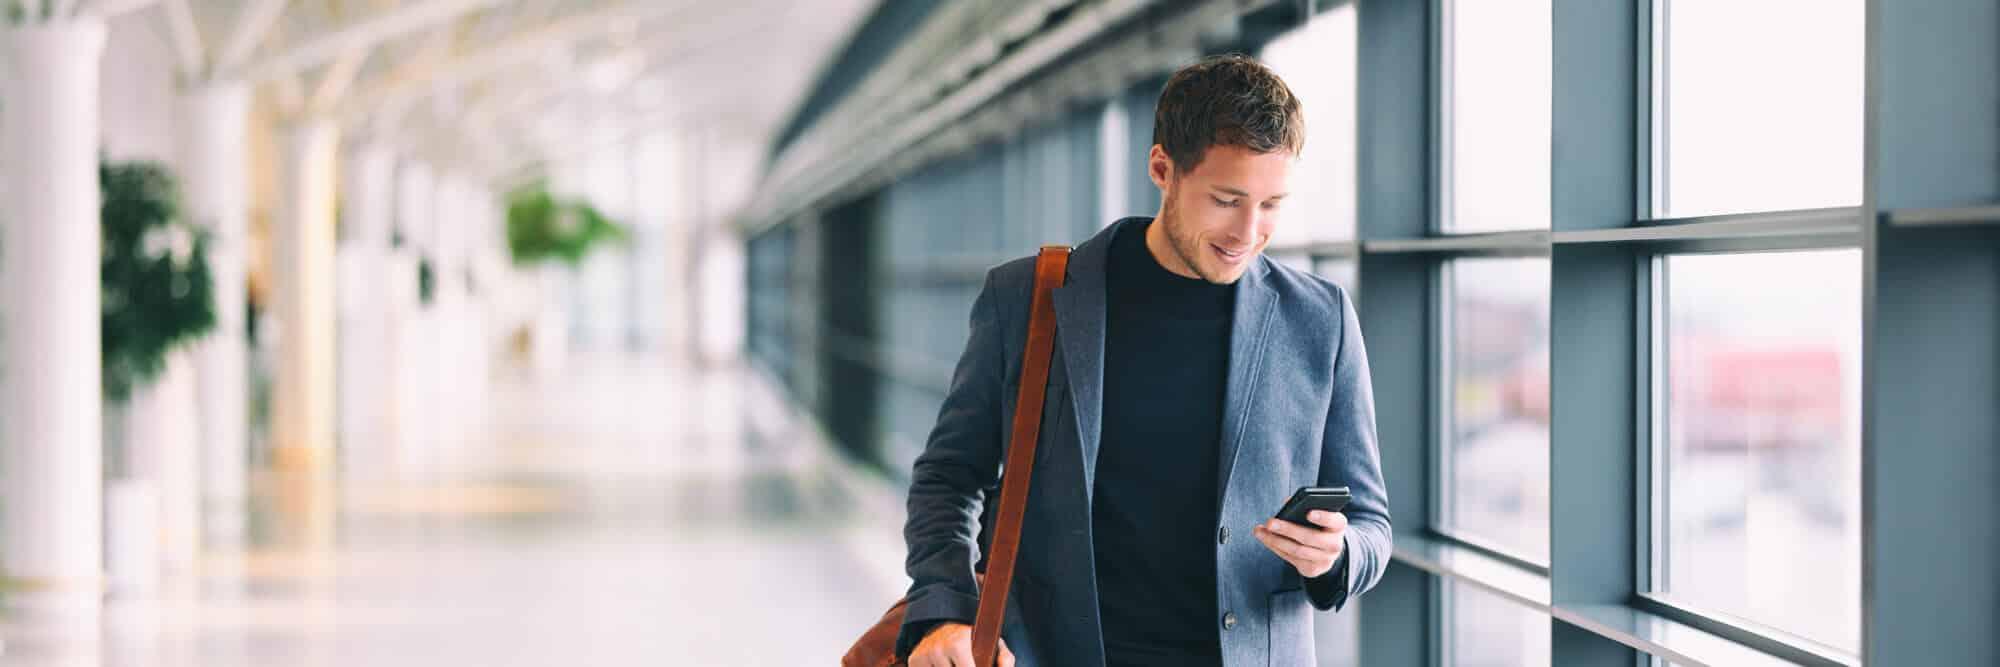 Kommunikation mittels Messenger-Diensten: Hinweise zum Risikomanagement nach DSGVO